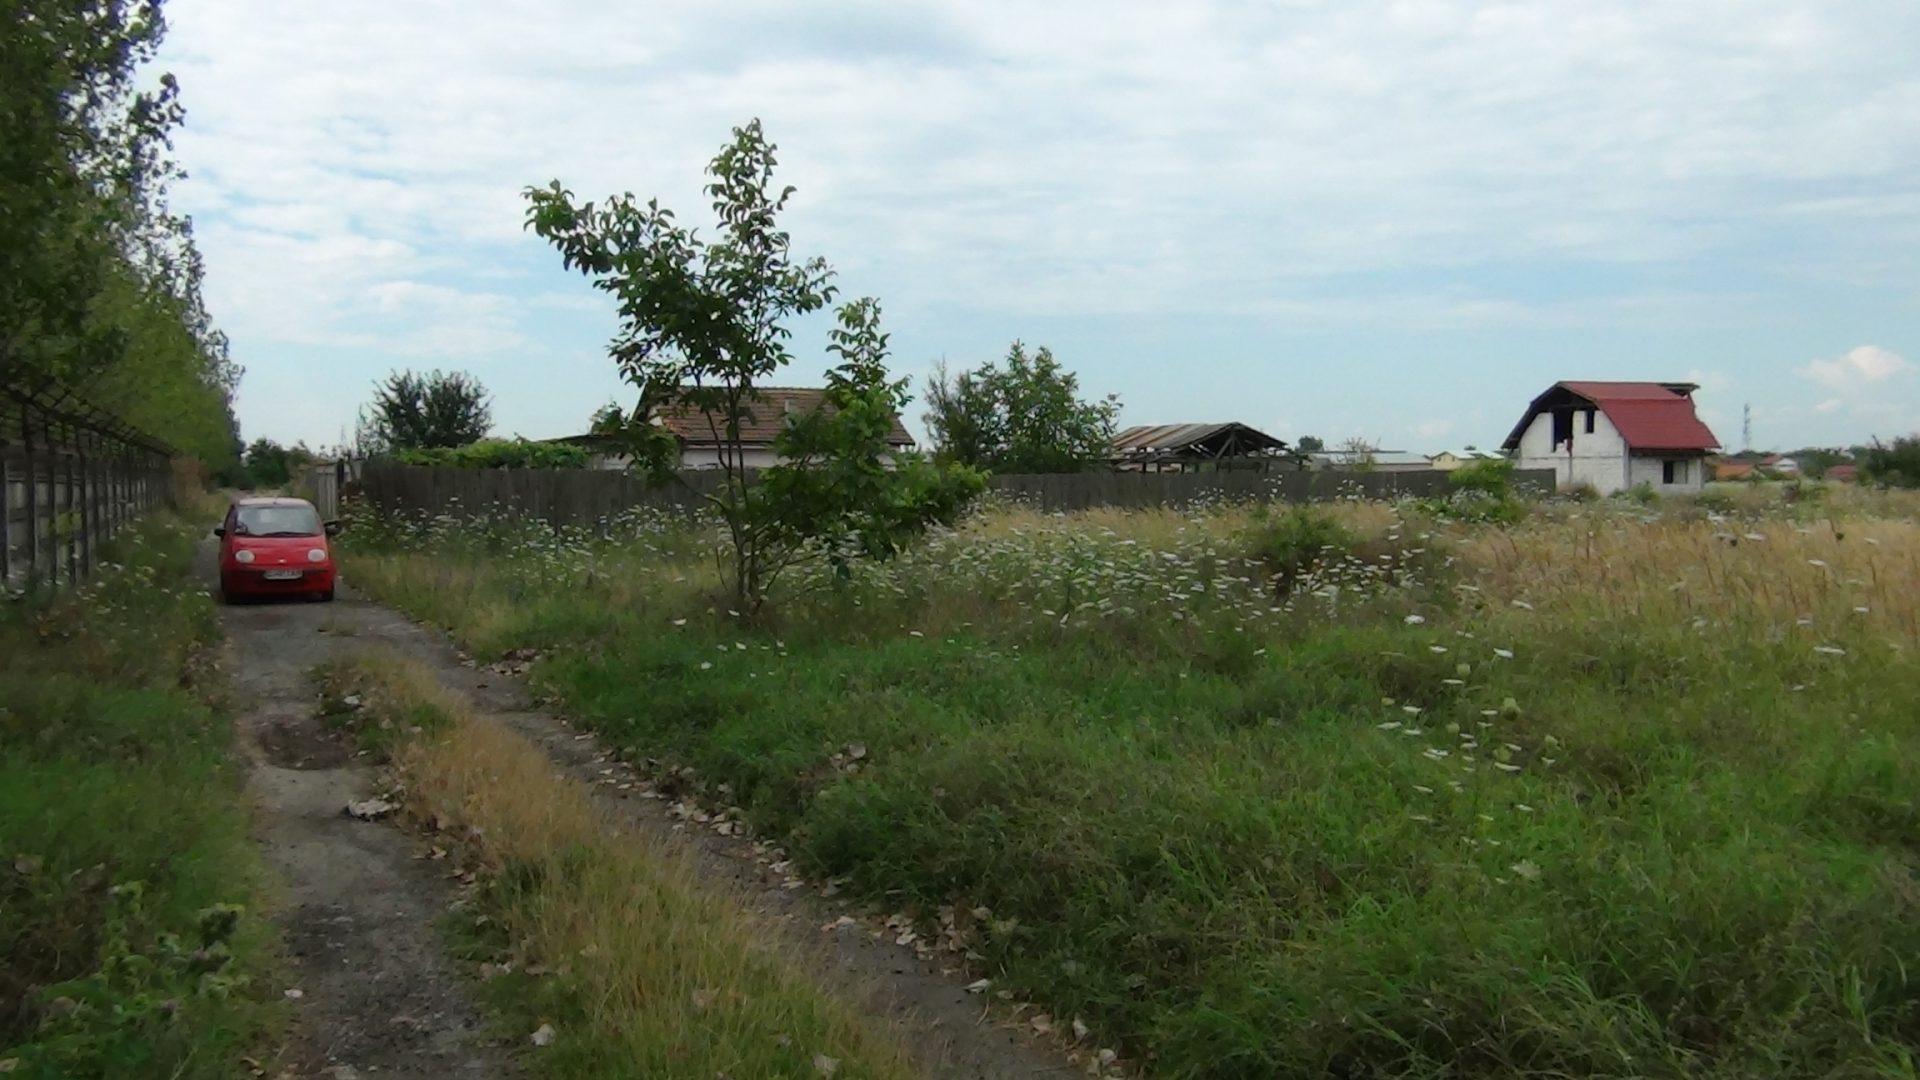 Șase familii trăiesc fără utilităţi în Bariera Vâlcii din Craiova